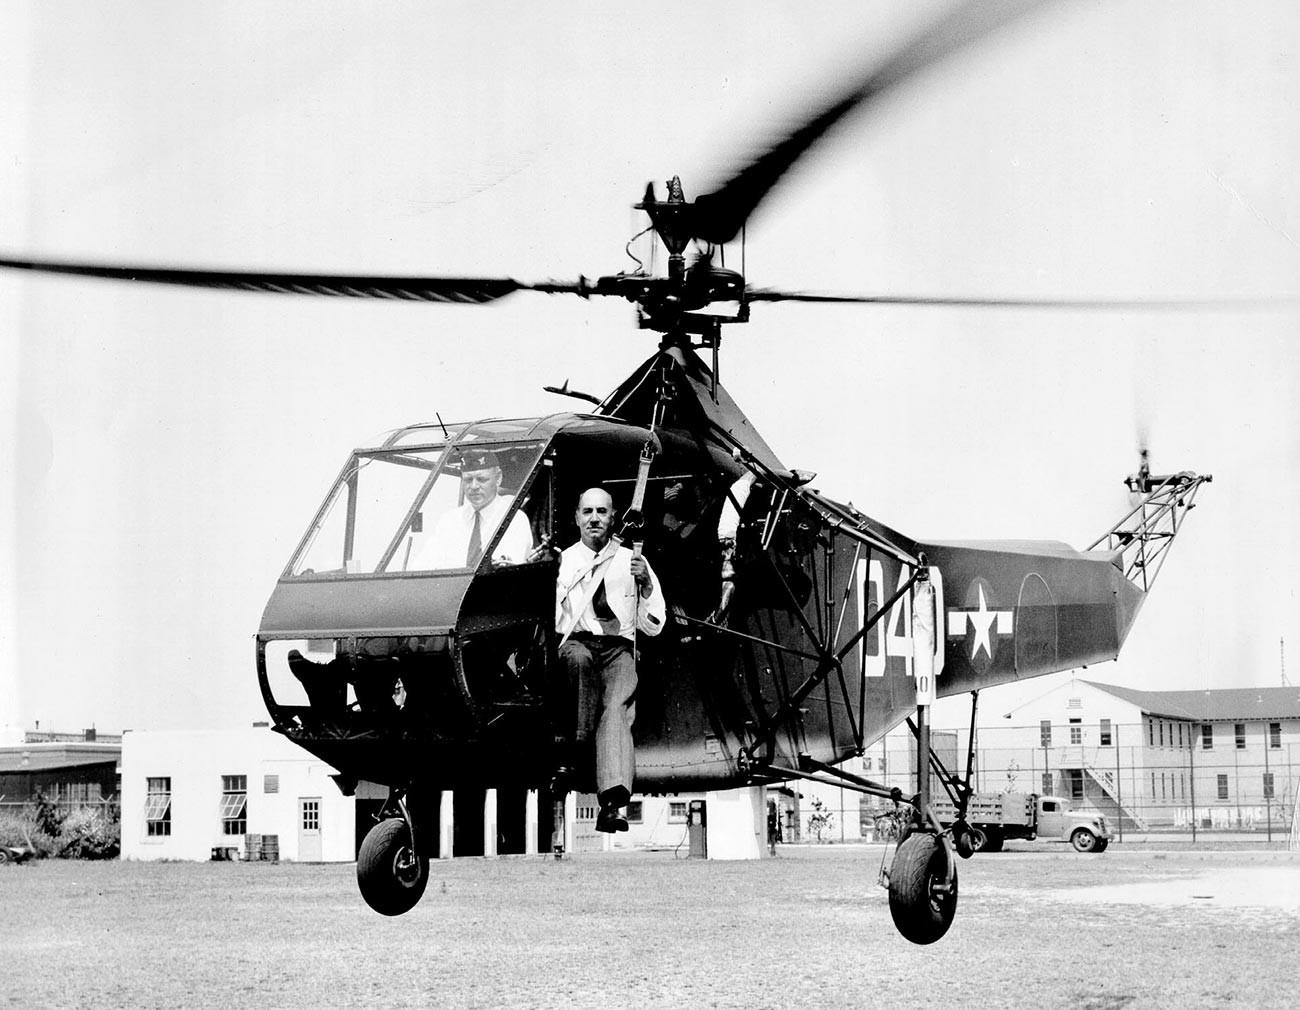 Poveljnik ameriške obalne straže Frank A. Erickson in Igor Sikorski v helikopterju Sikorsky HNS-1 C.G.